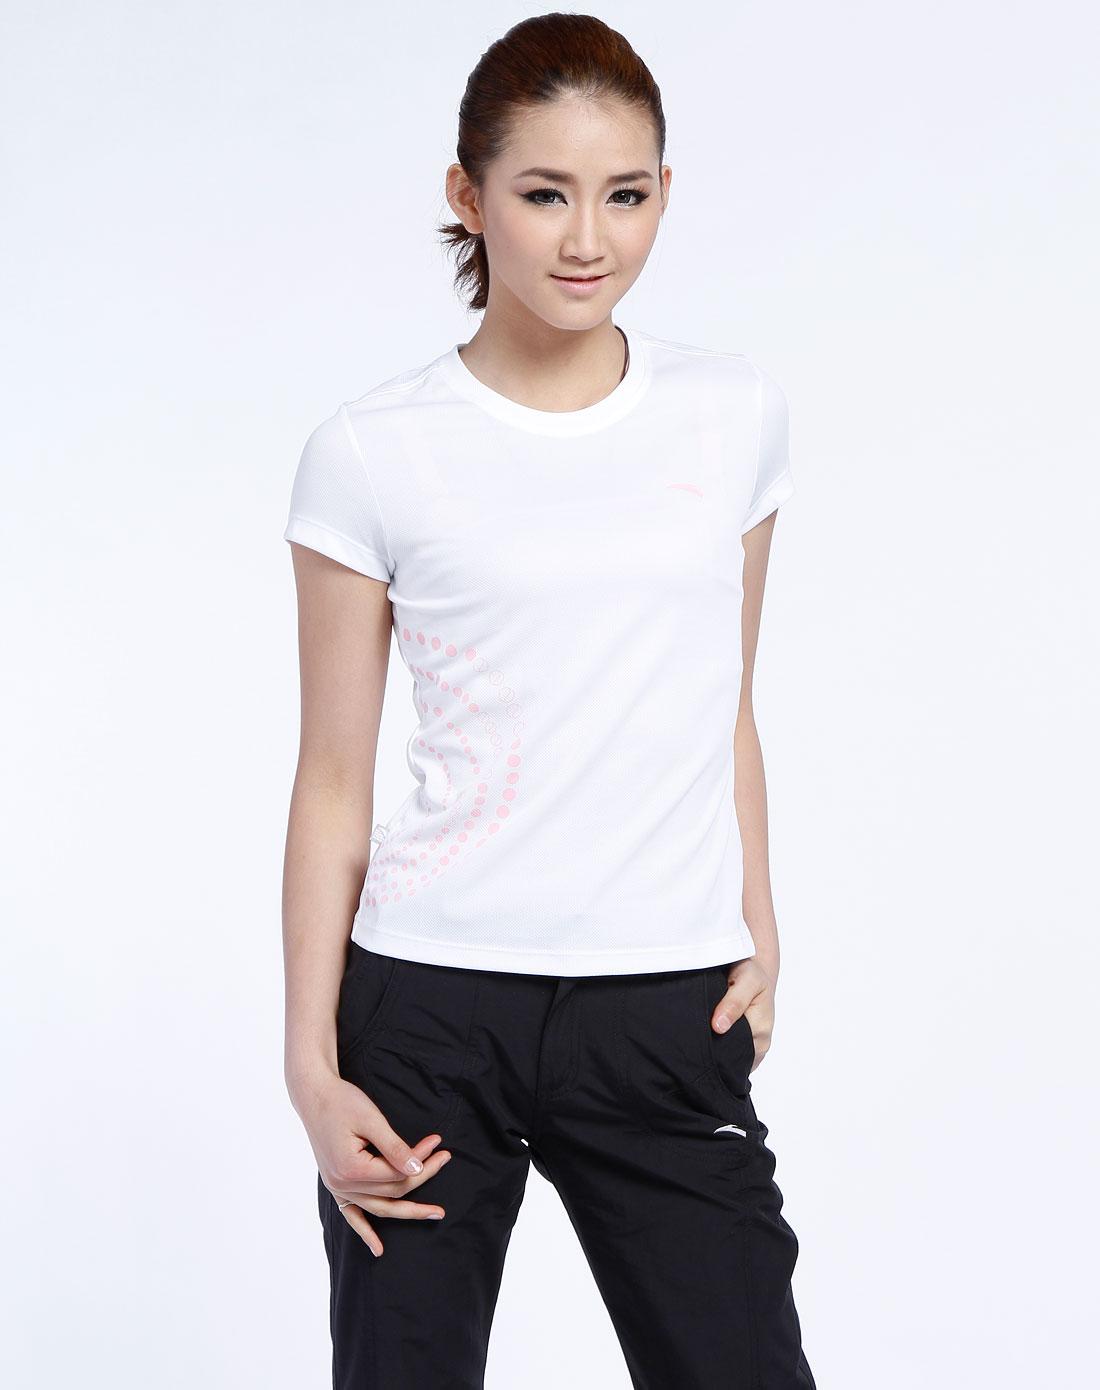 安踏anta女装专场-女款白色圆领短袖网球运动衫